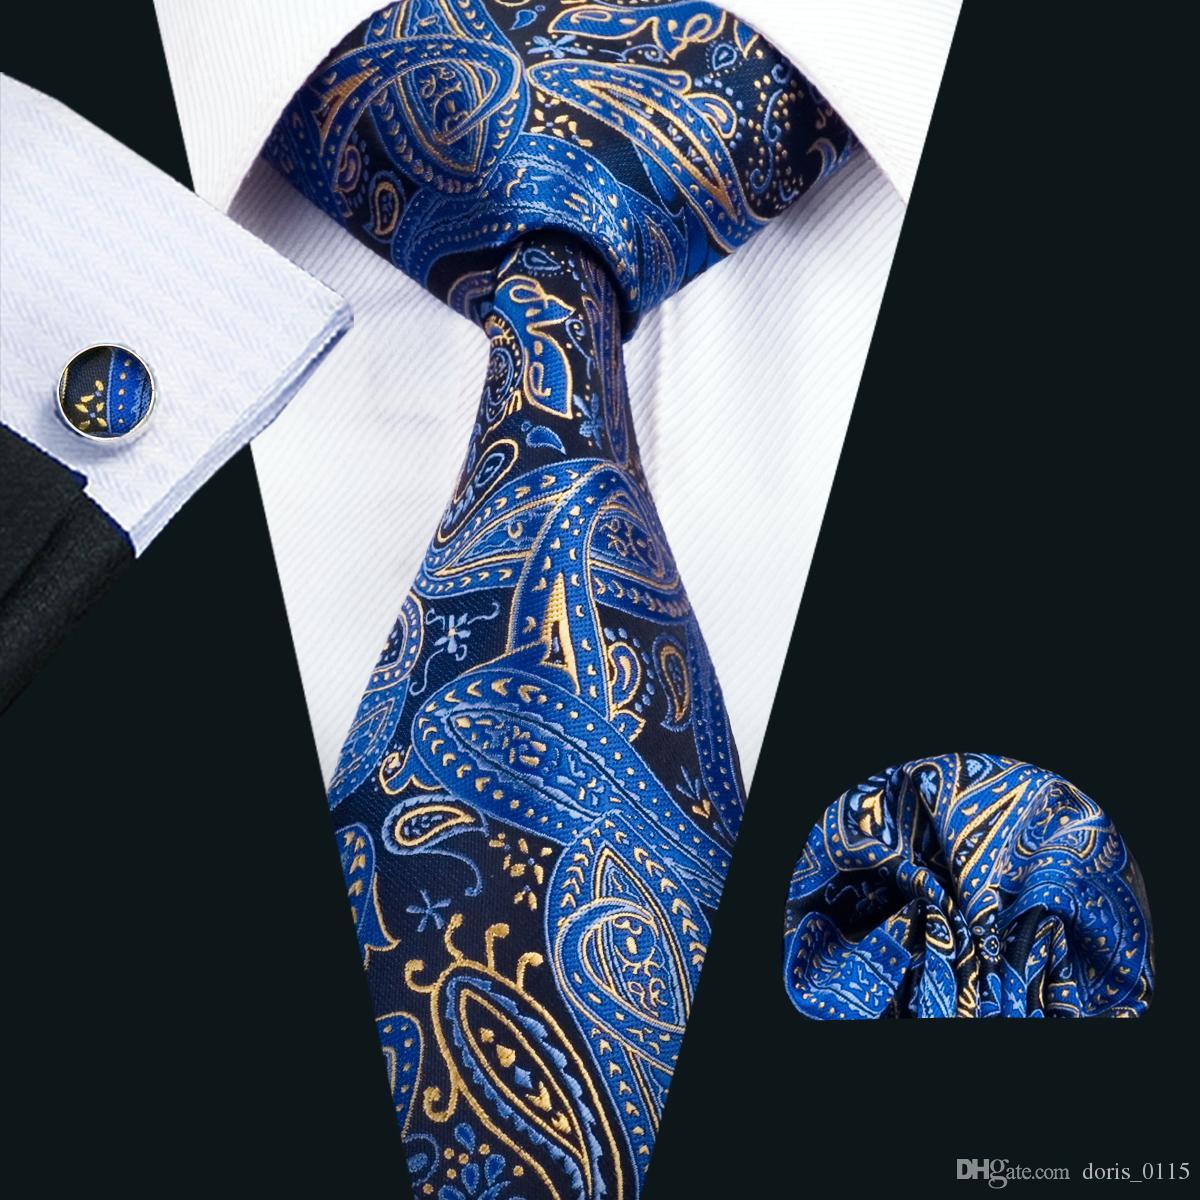 빠른 배송 실크 넥타이 클래식 실크 남성 넥타이 파란색 넥타이는 페이즐리 남성 넥타이 넥타이 손수건 세트 자카드 직물 비즈니스 파티 N-1447 설정